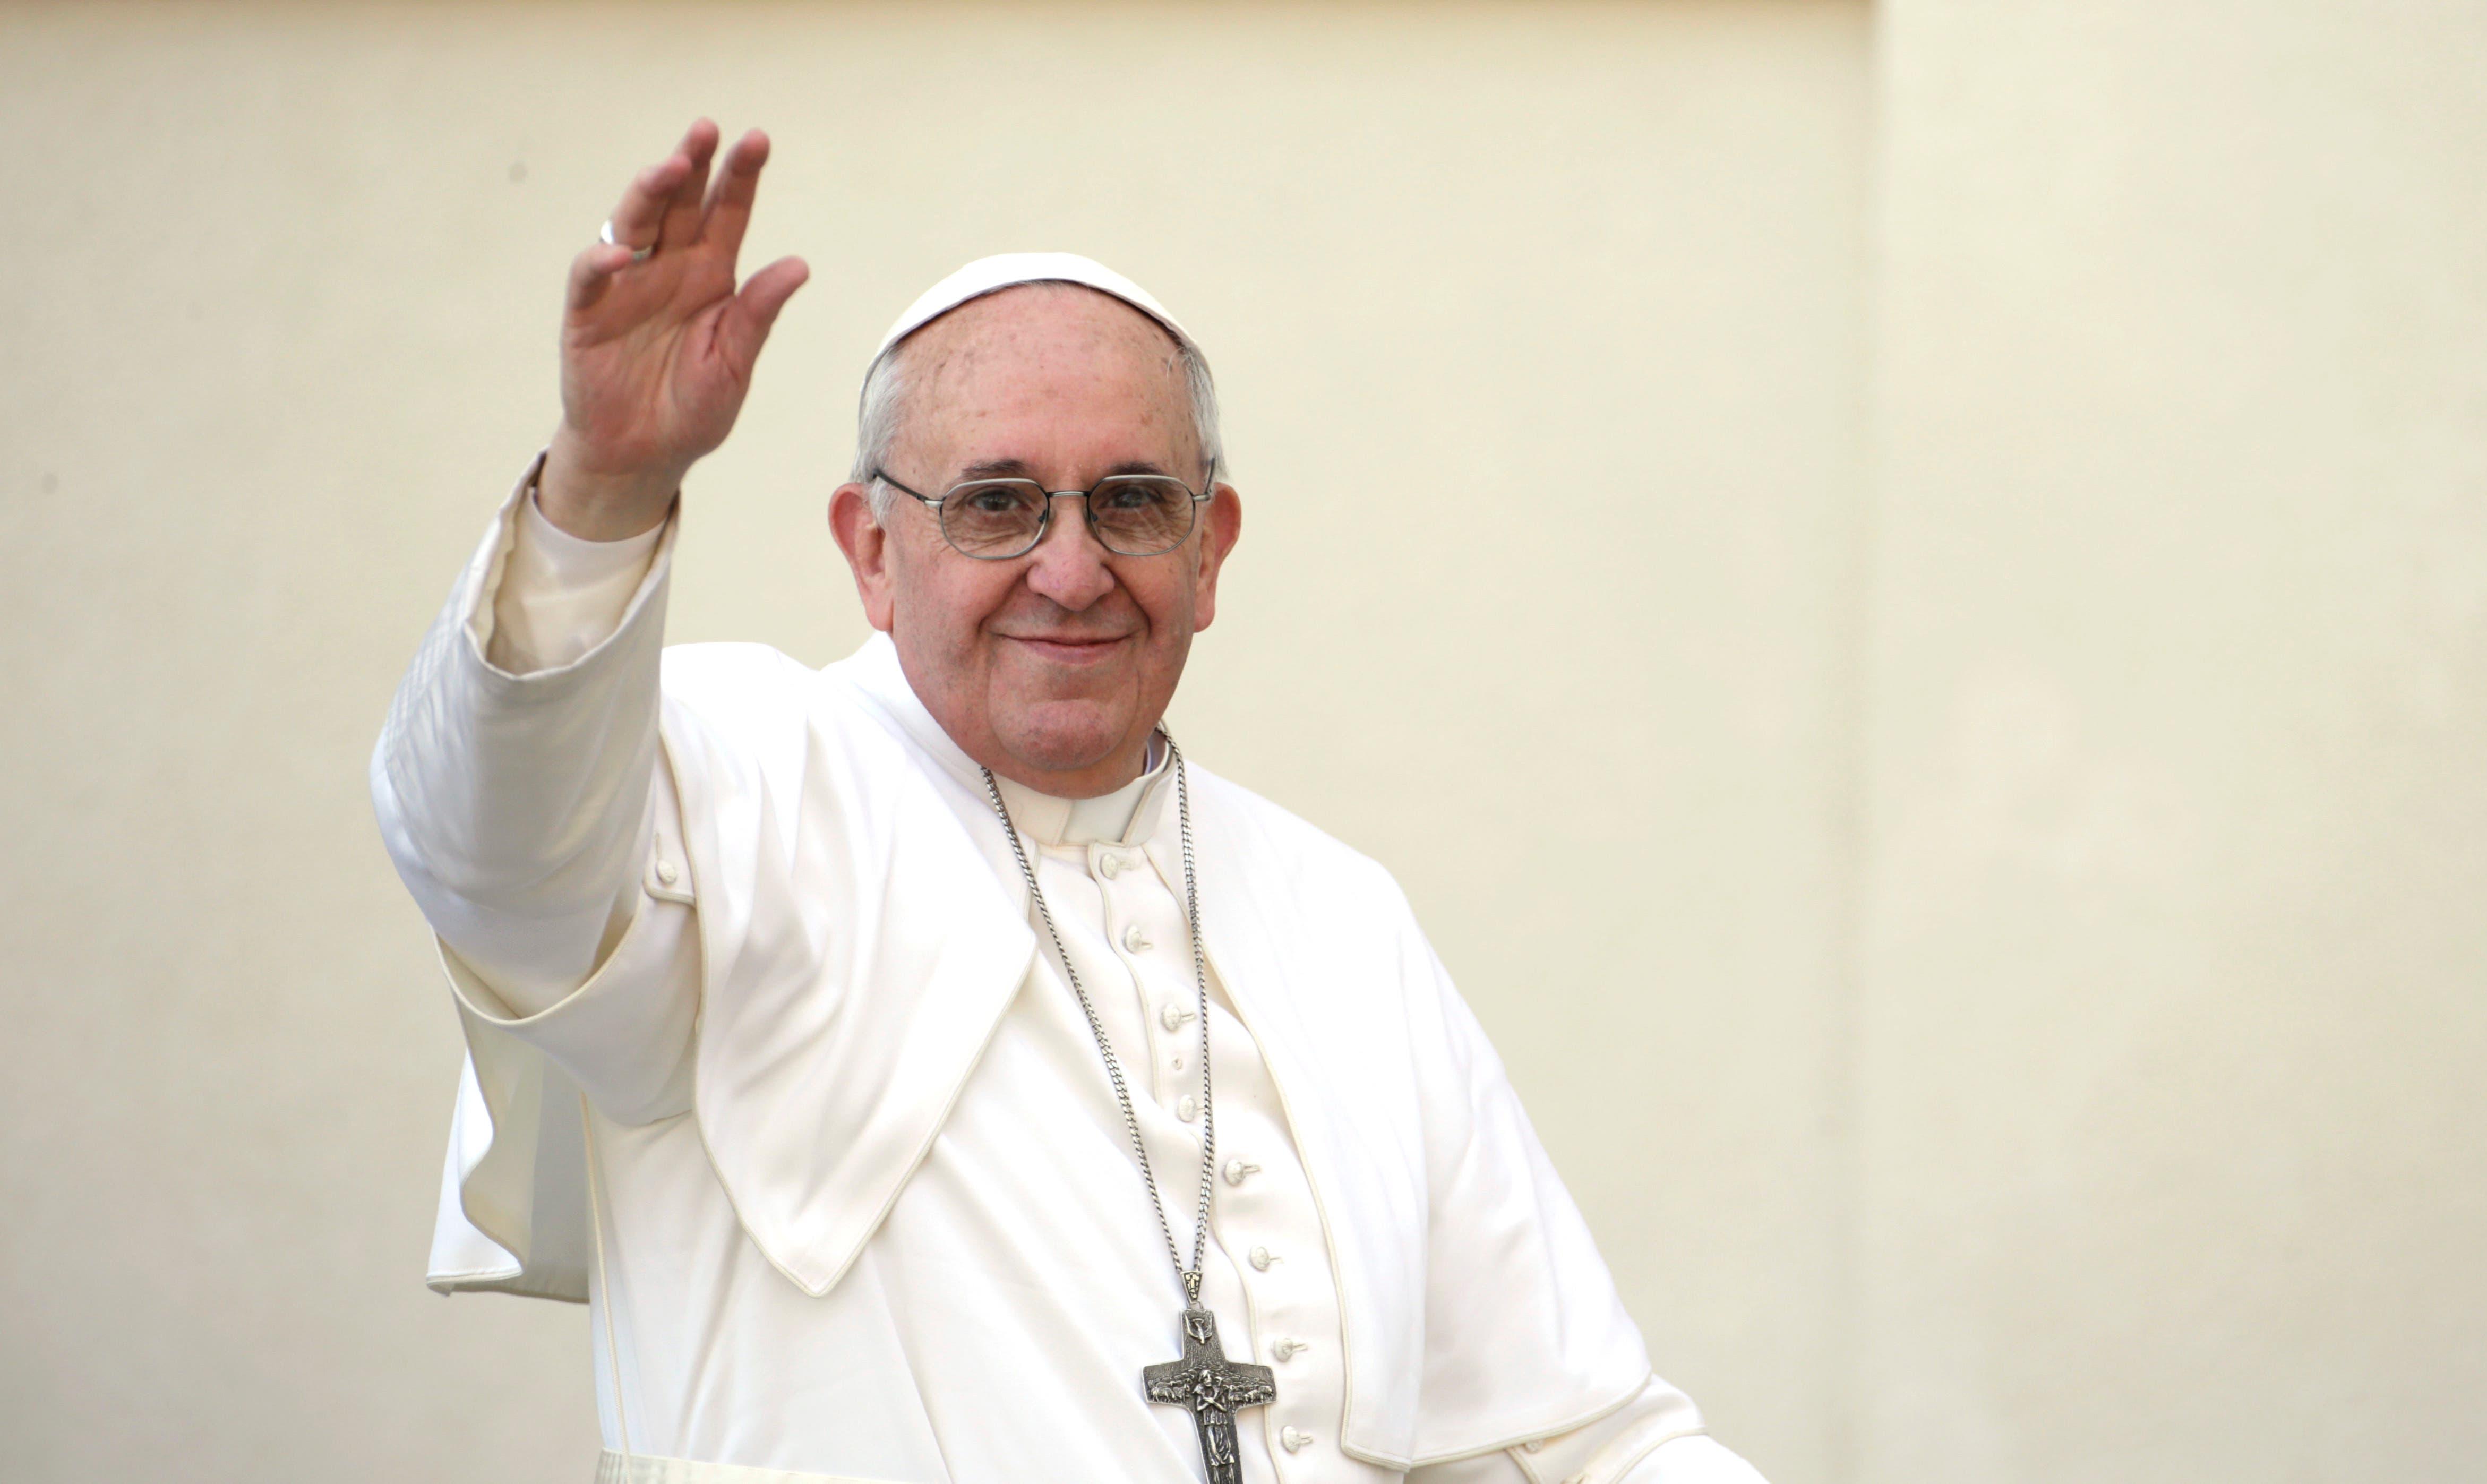 El Papa esbozó sus planes en discurso de 2013 a cardenales